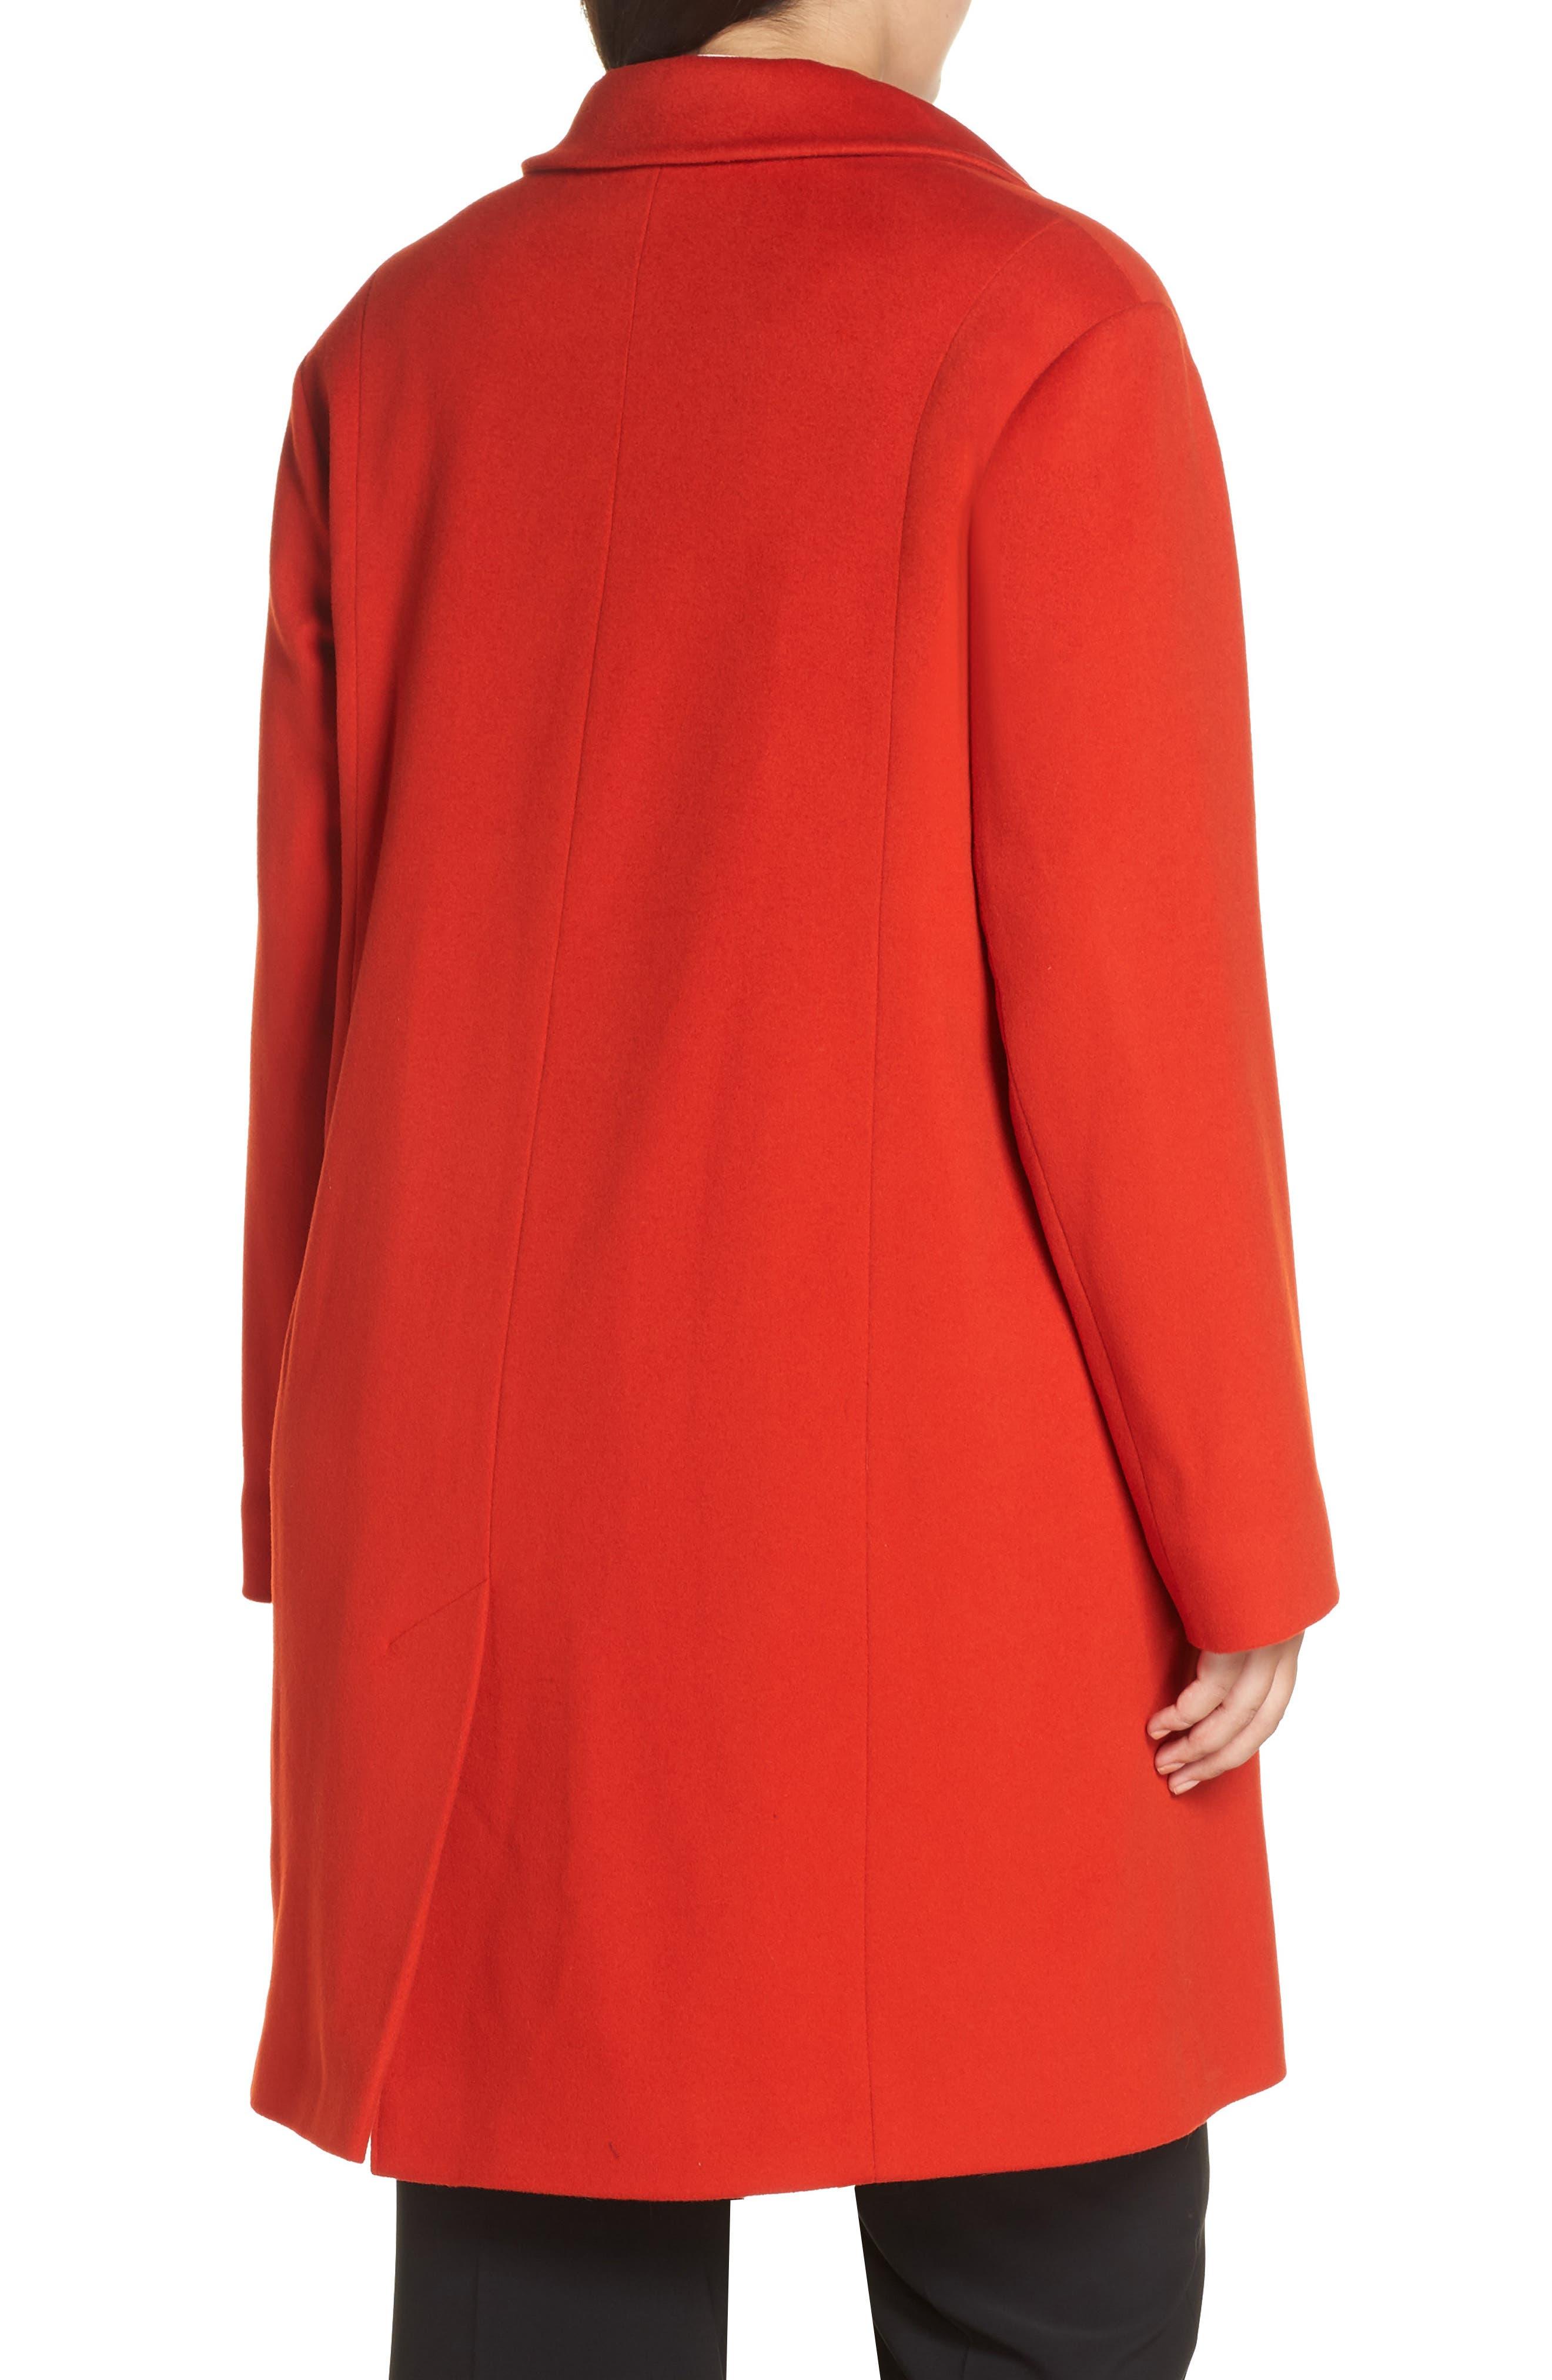 FLEURETTE,                             Loro Piana Wool Long Coat,                             Alternate thumbnail 2, color,                             SAFFRON